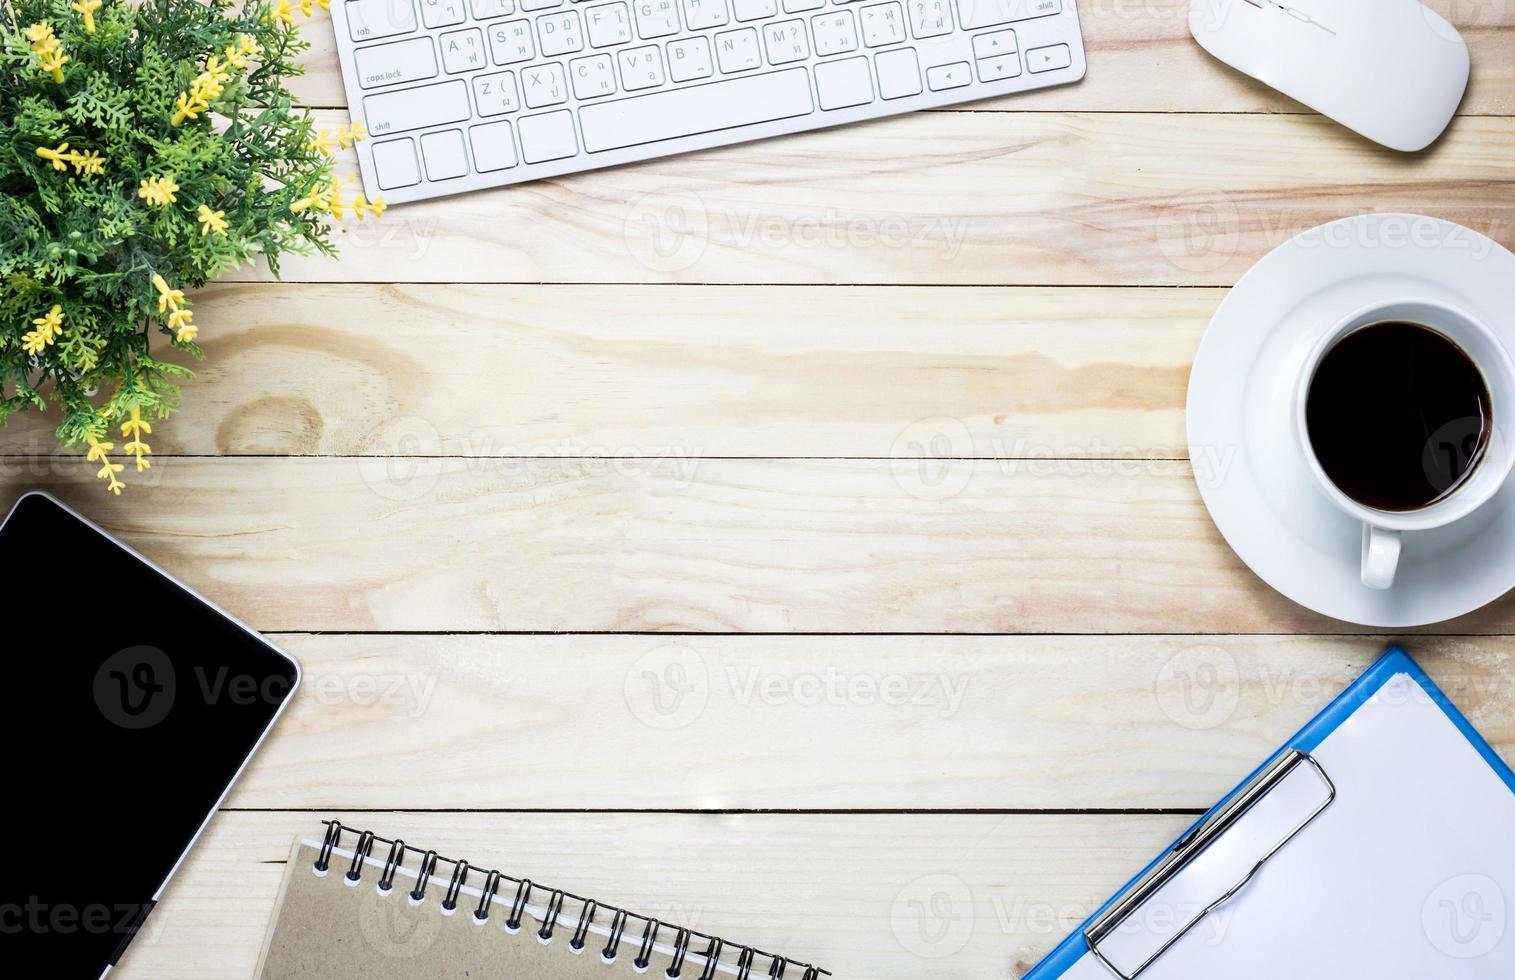 piano scrivania con caffè e tastiera foto